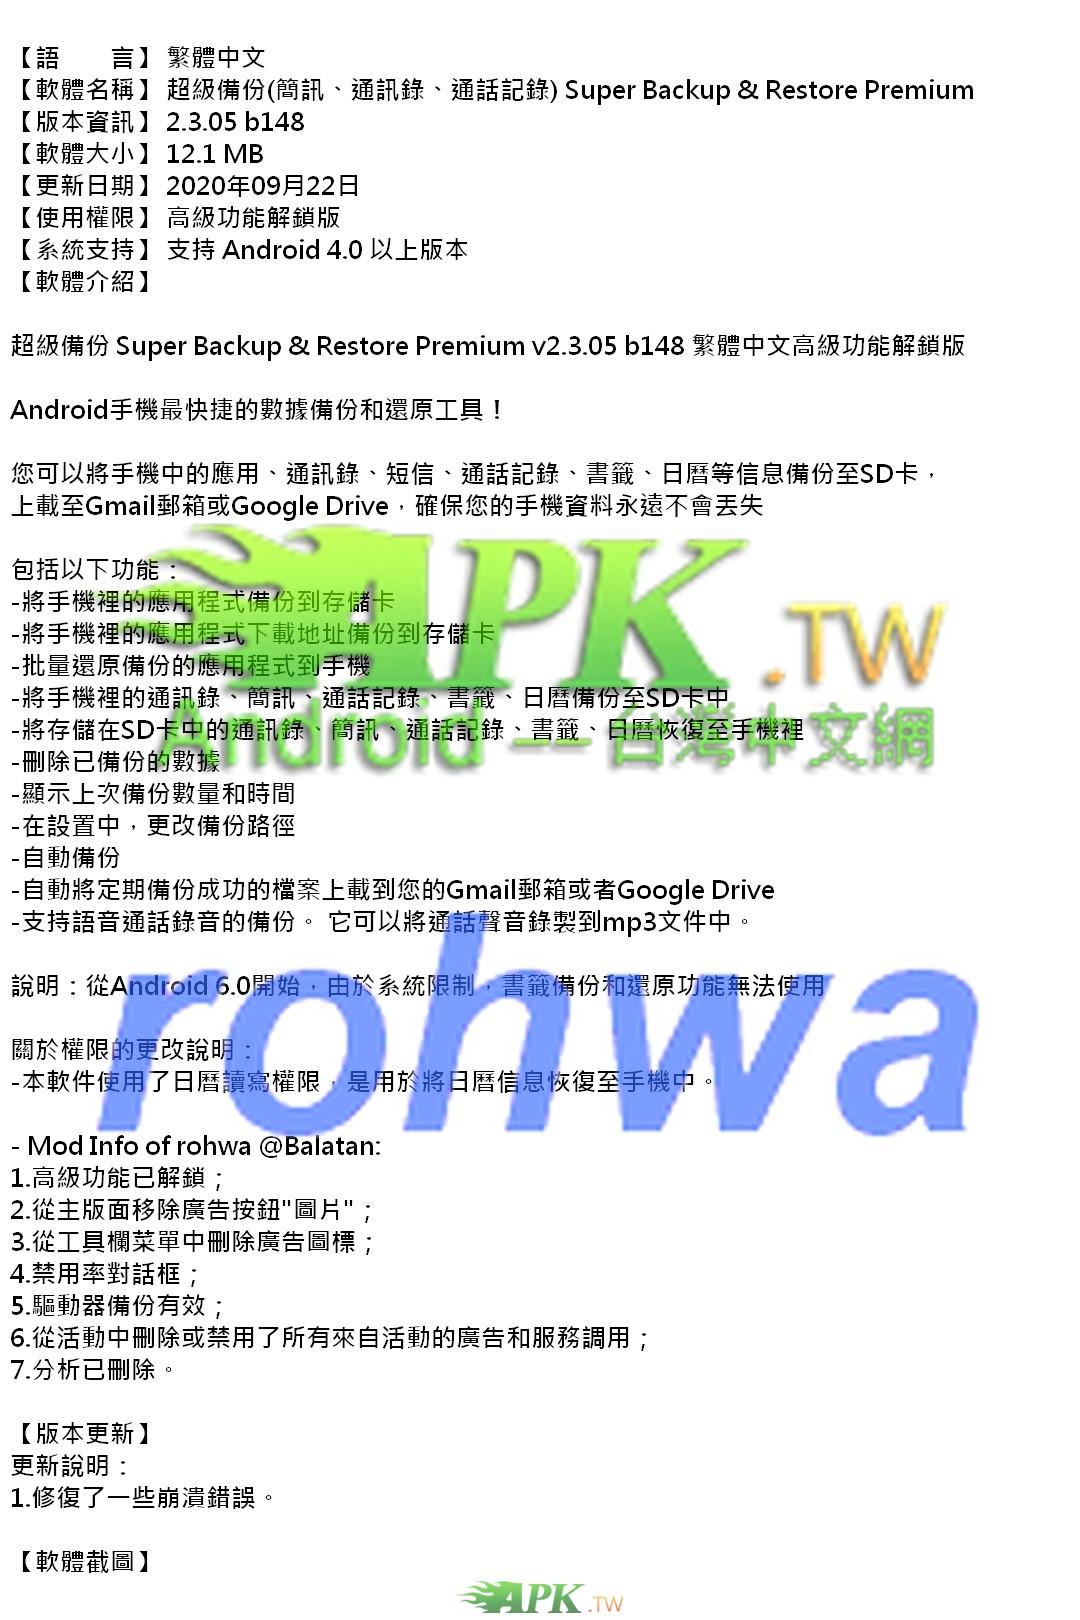 SuperBackup_Premium_2.3.05_.jpg